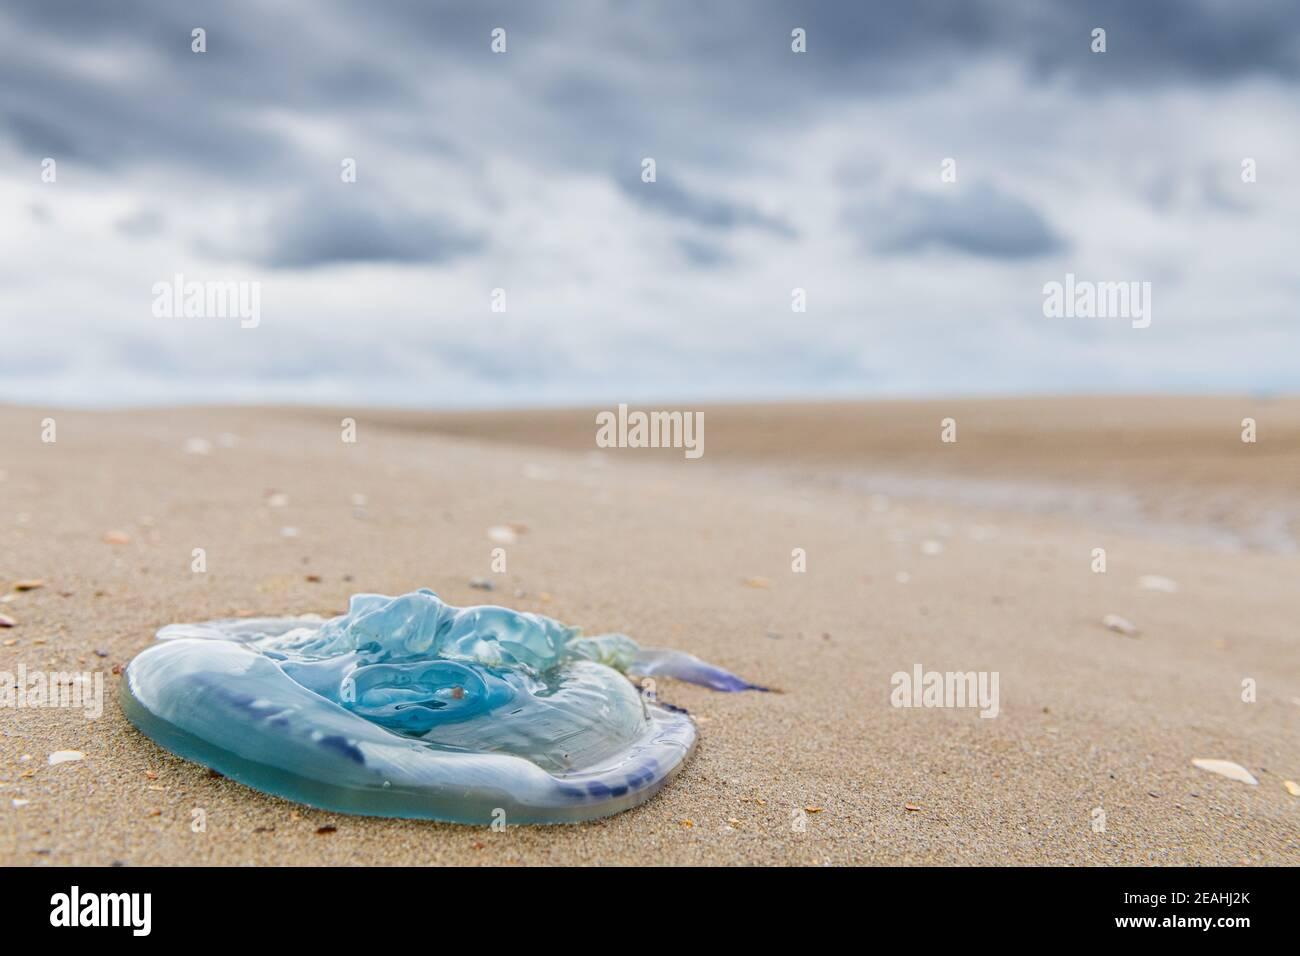 Méduse Aurélie échouée sur une plage, France, Hauts de France, été Stock Photo